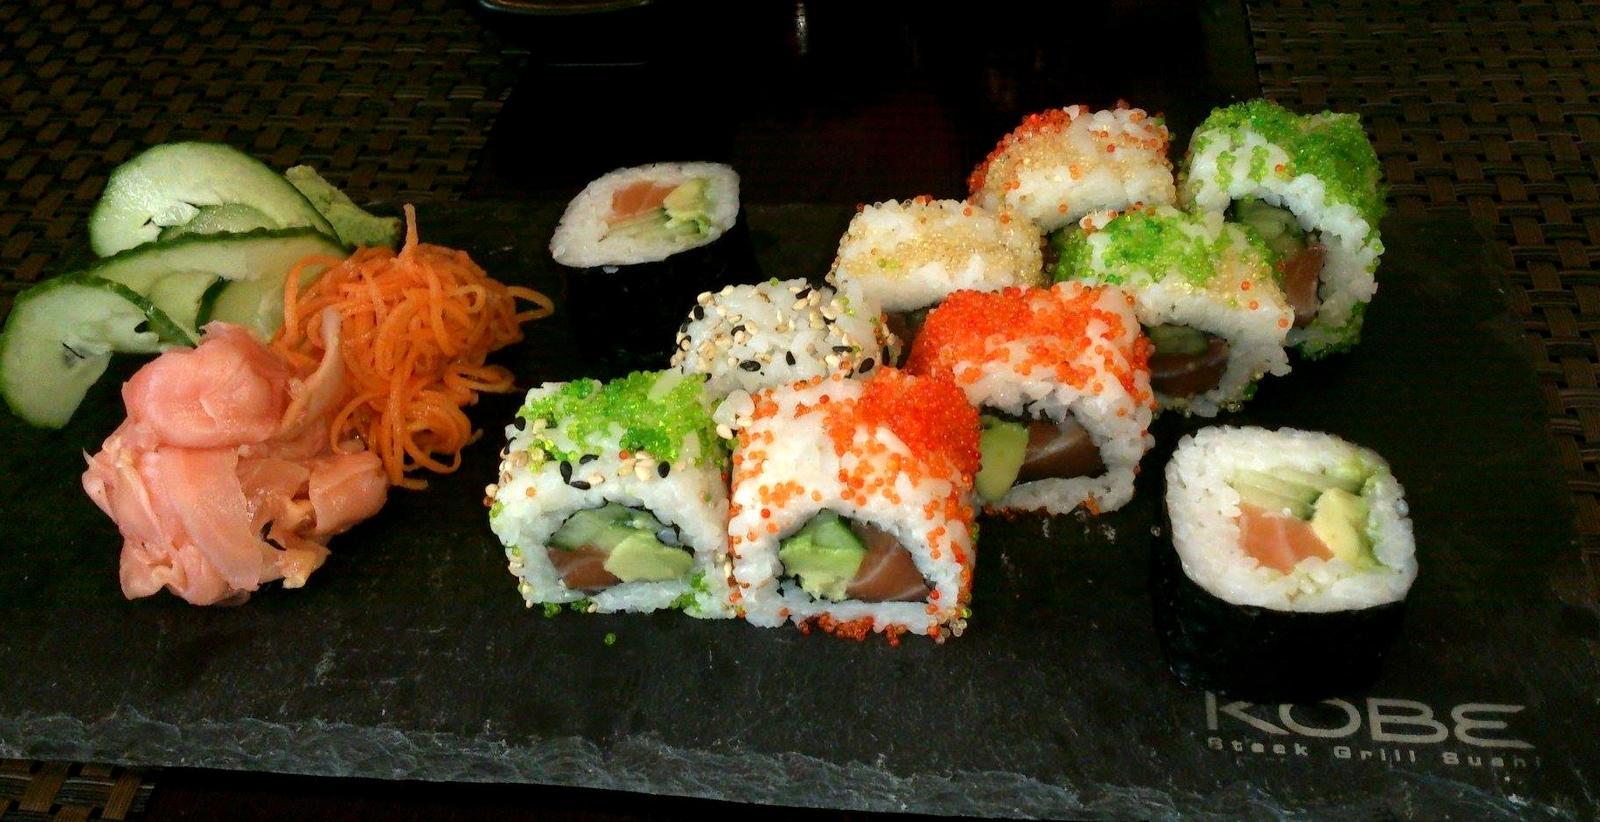 Degustační požitek - California special - selekce z Sushi pointu, měli 25% slevu, ale upřímně první 3 kusy mi docela chutnaly, ale po čísle 6 se mi začalo už dělat nevolno, takže jsem ráda, že jsem ochutnala, ale už asi nikdy, jedině ochutnat od někoho 1,2 kusy to jo:D